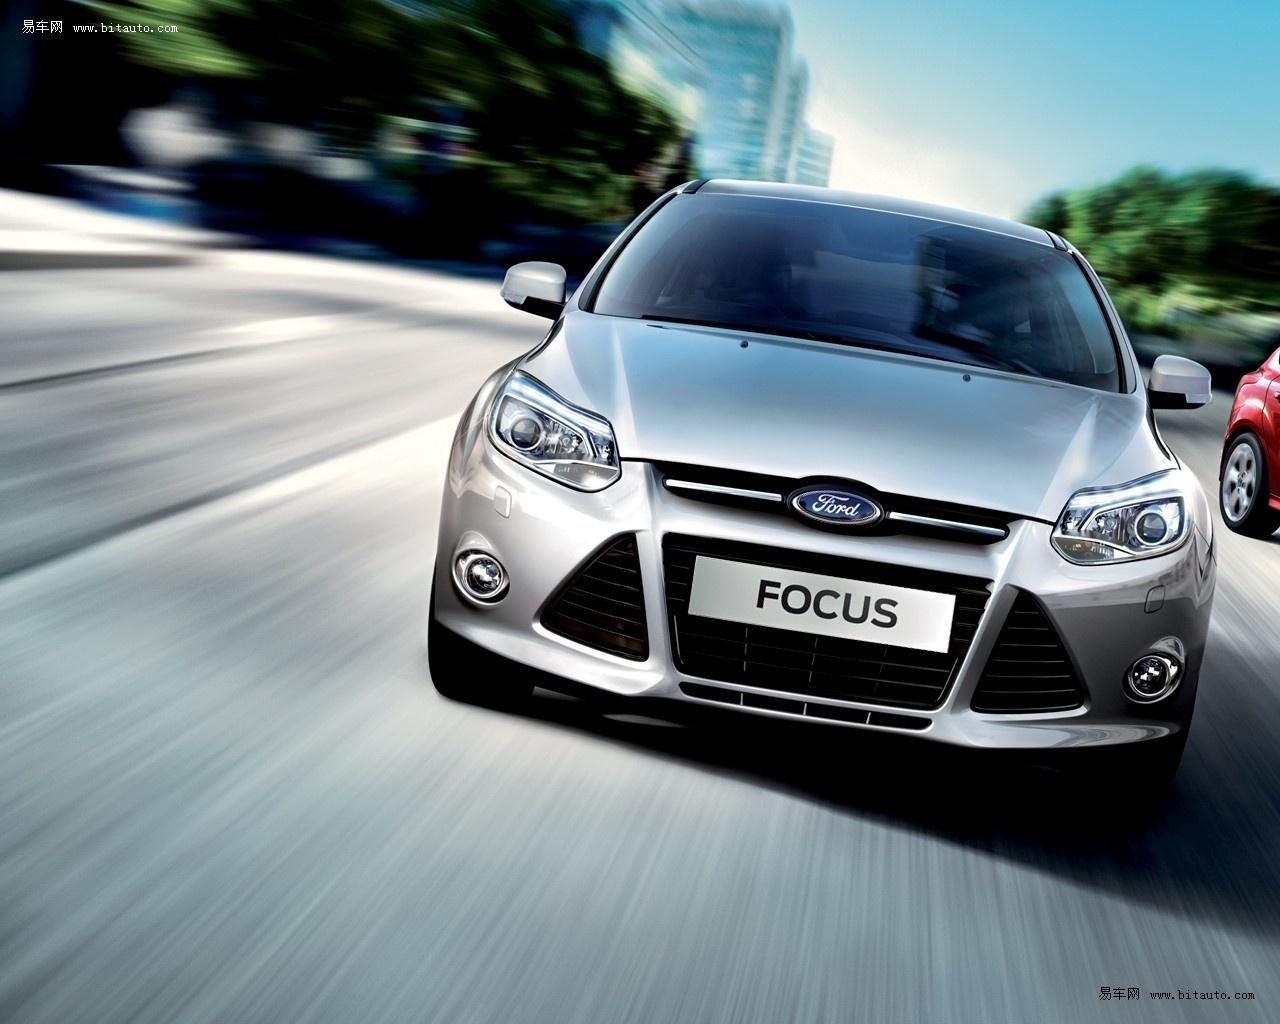 智能科技,开启汽车行业科技新时代 2012新福克斯全 芯 蜕 高清图片